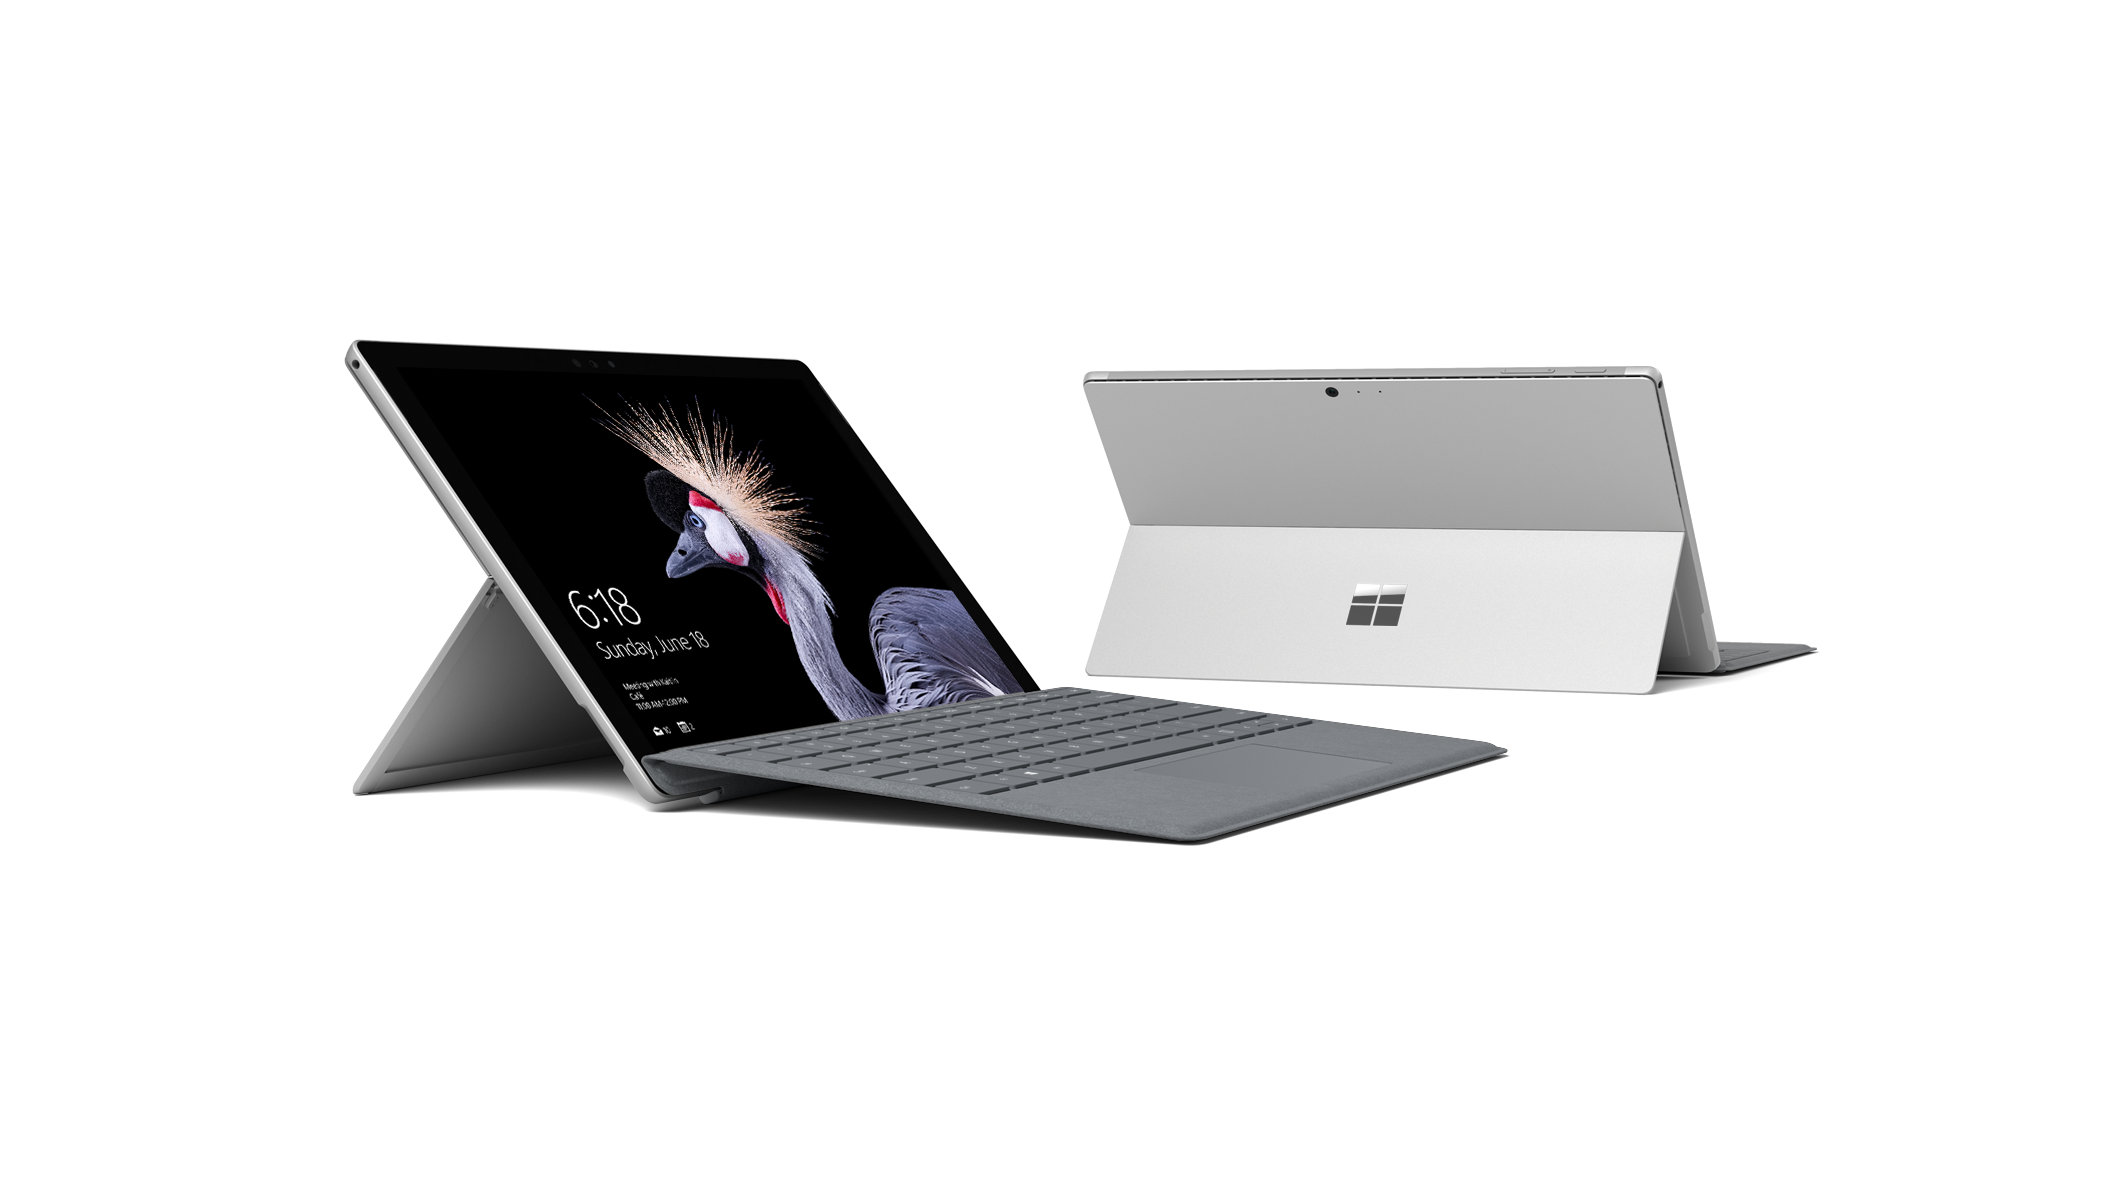 Dos dispositivos Surface Pro, uno con cubierta tipo sujeta, el otro mostrado desde atrás con soporte extendido